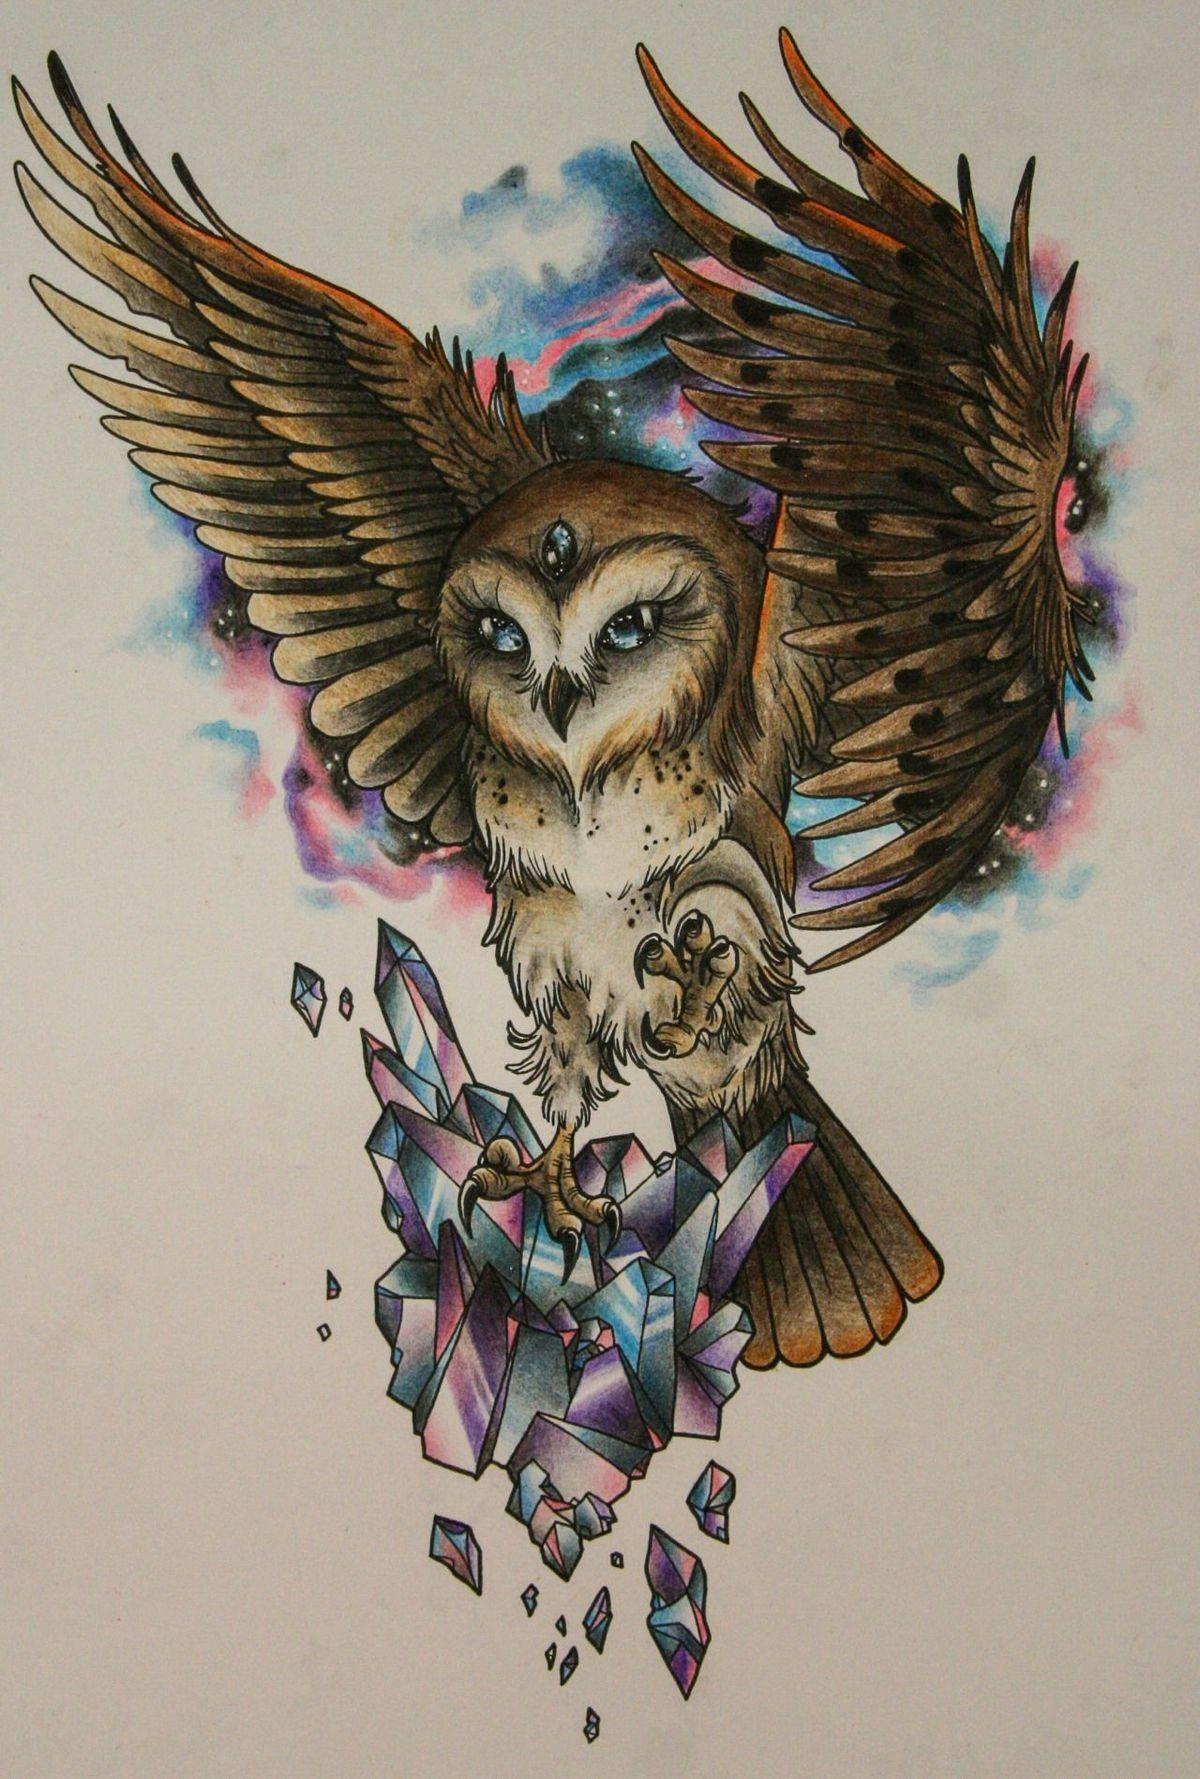 Pin De Felicity Lally Em Owl Tatuagem Coruja Corujas Tatoo E